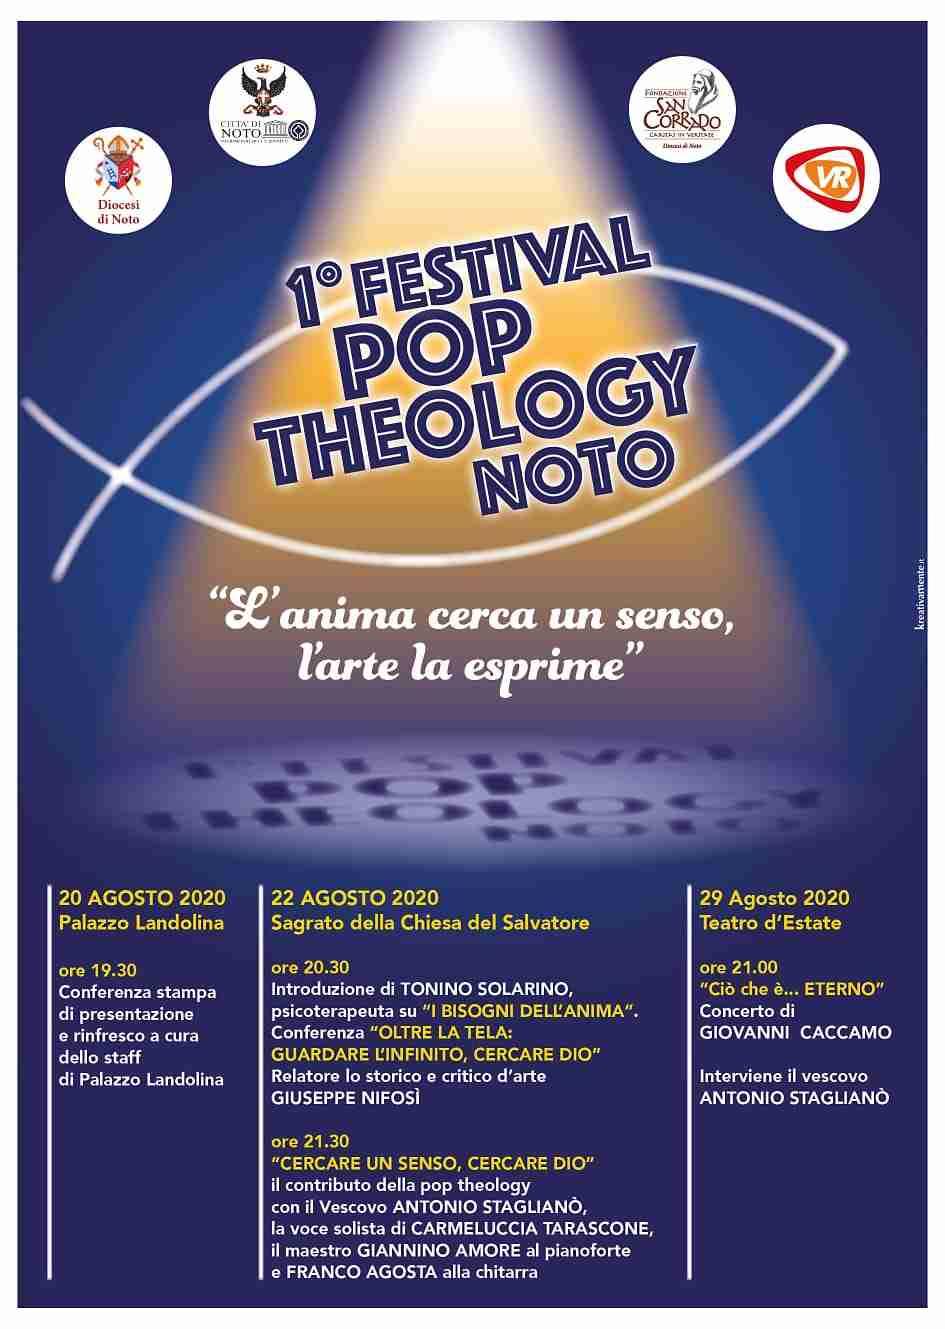 """Il 22 e il 29 agosto Primo Festival di Pop Theology a Noto: """"L'anima cerca un senso, l'arte la esprime"""""""